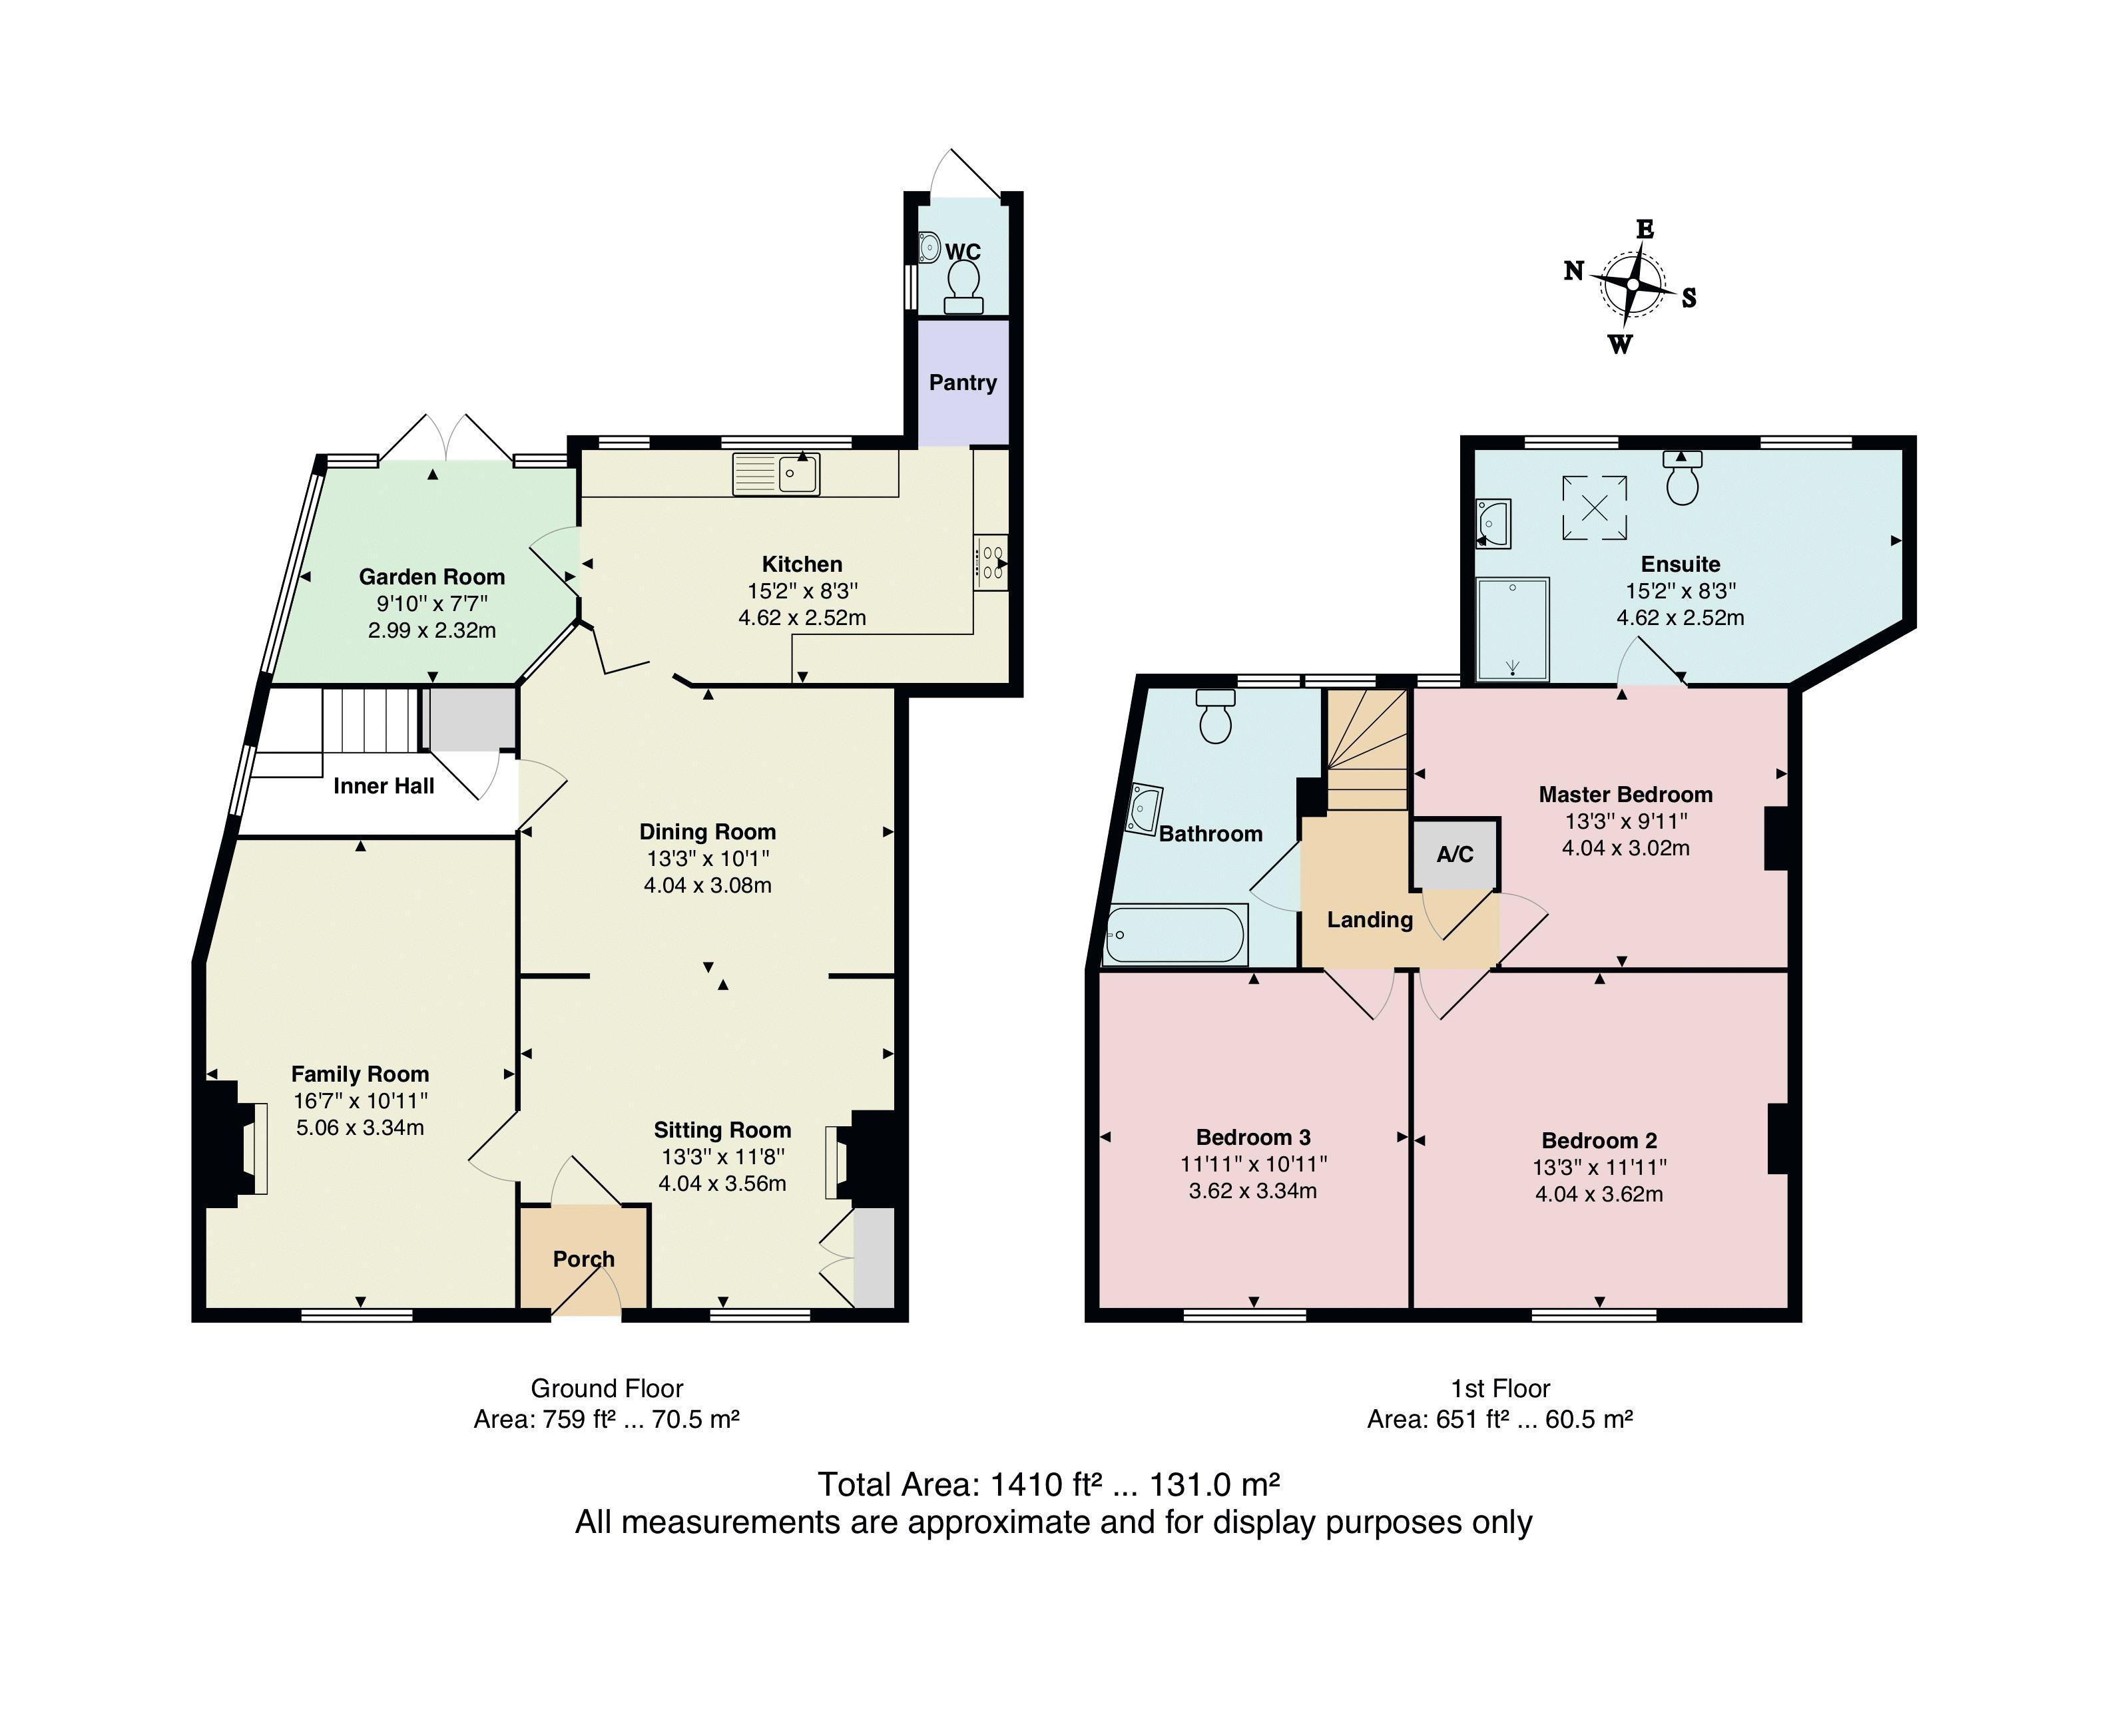 Floorplan - Main